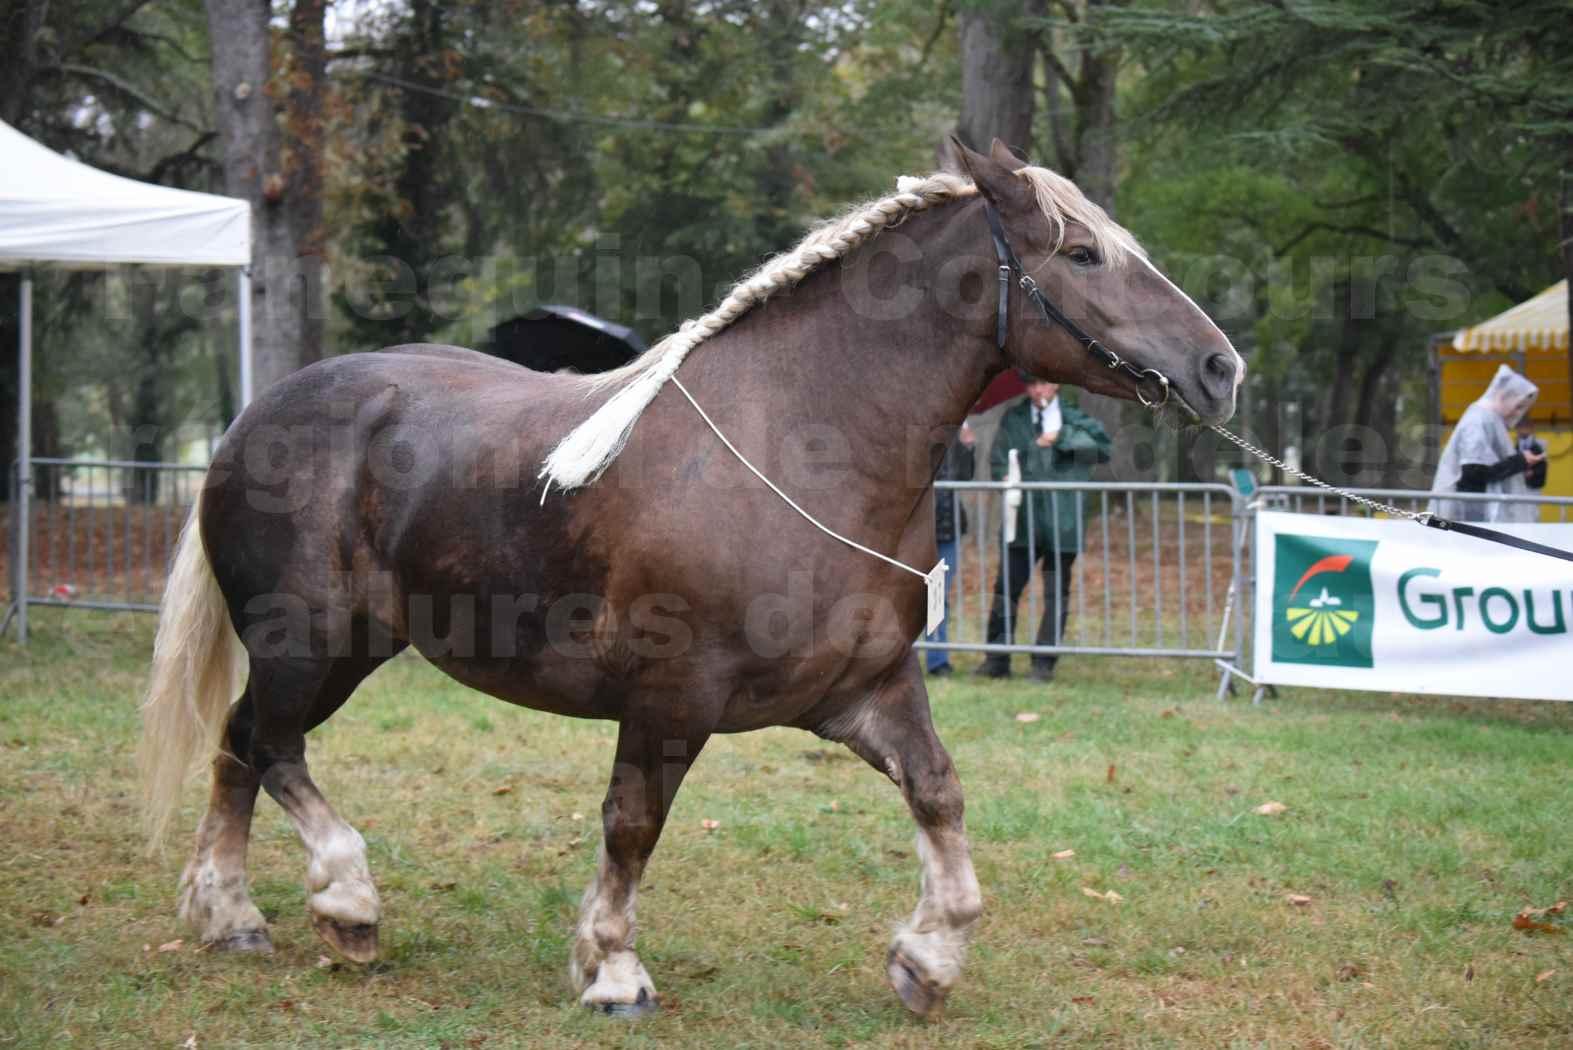 Concours Régional de chevaux de traits en 2017 - Trait BRETON - ELENNE DE TOU FOLL - 13